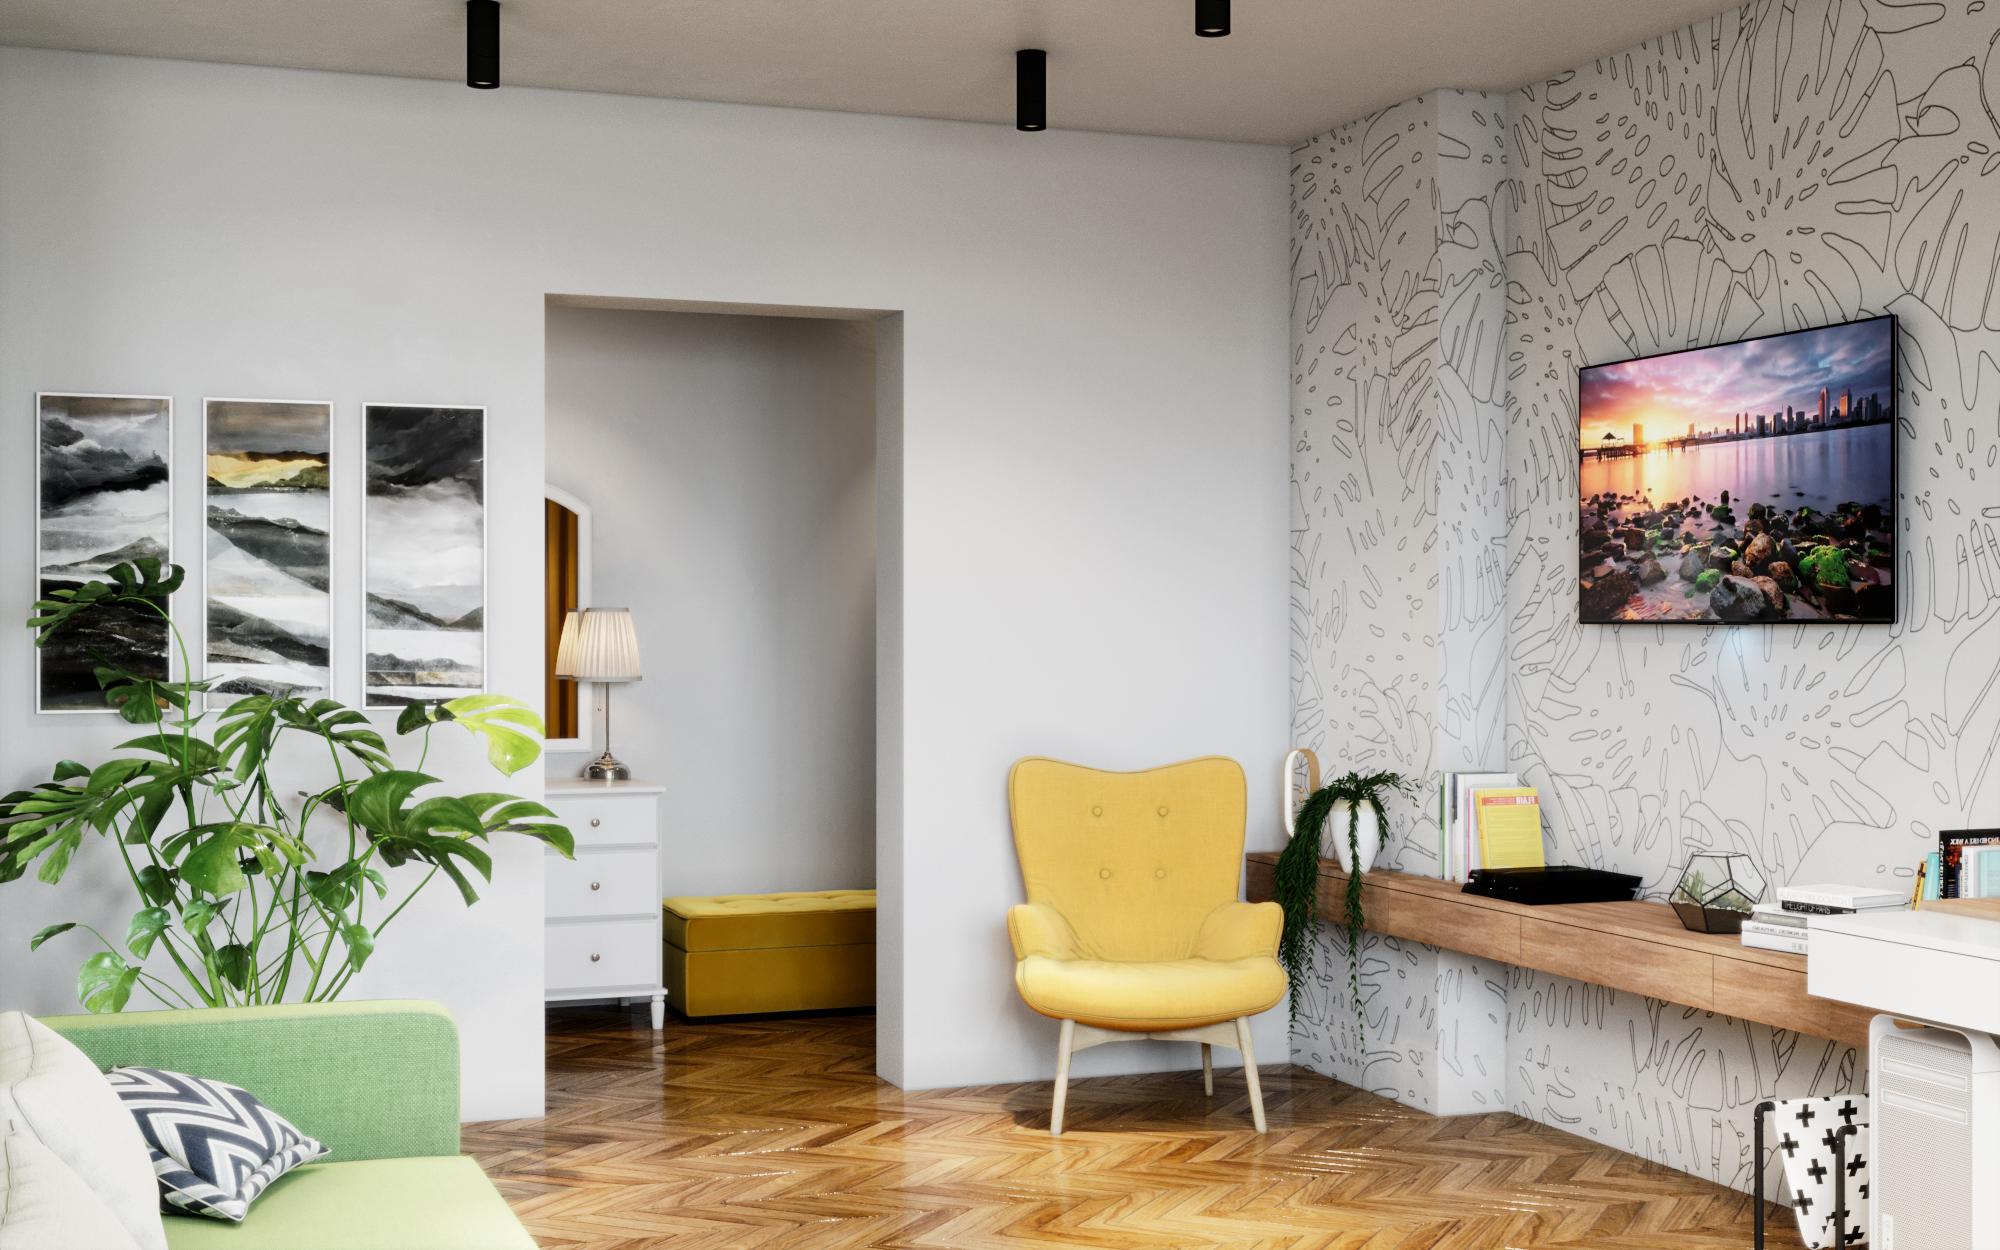 स्कैंडिनेवियाई इंटीरियर 3d max corona render में प्रस्तुत छवि